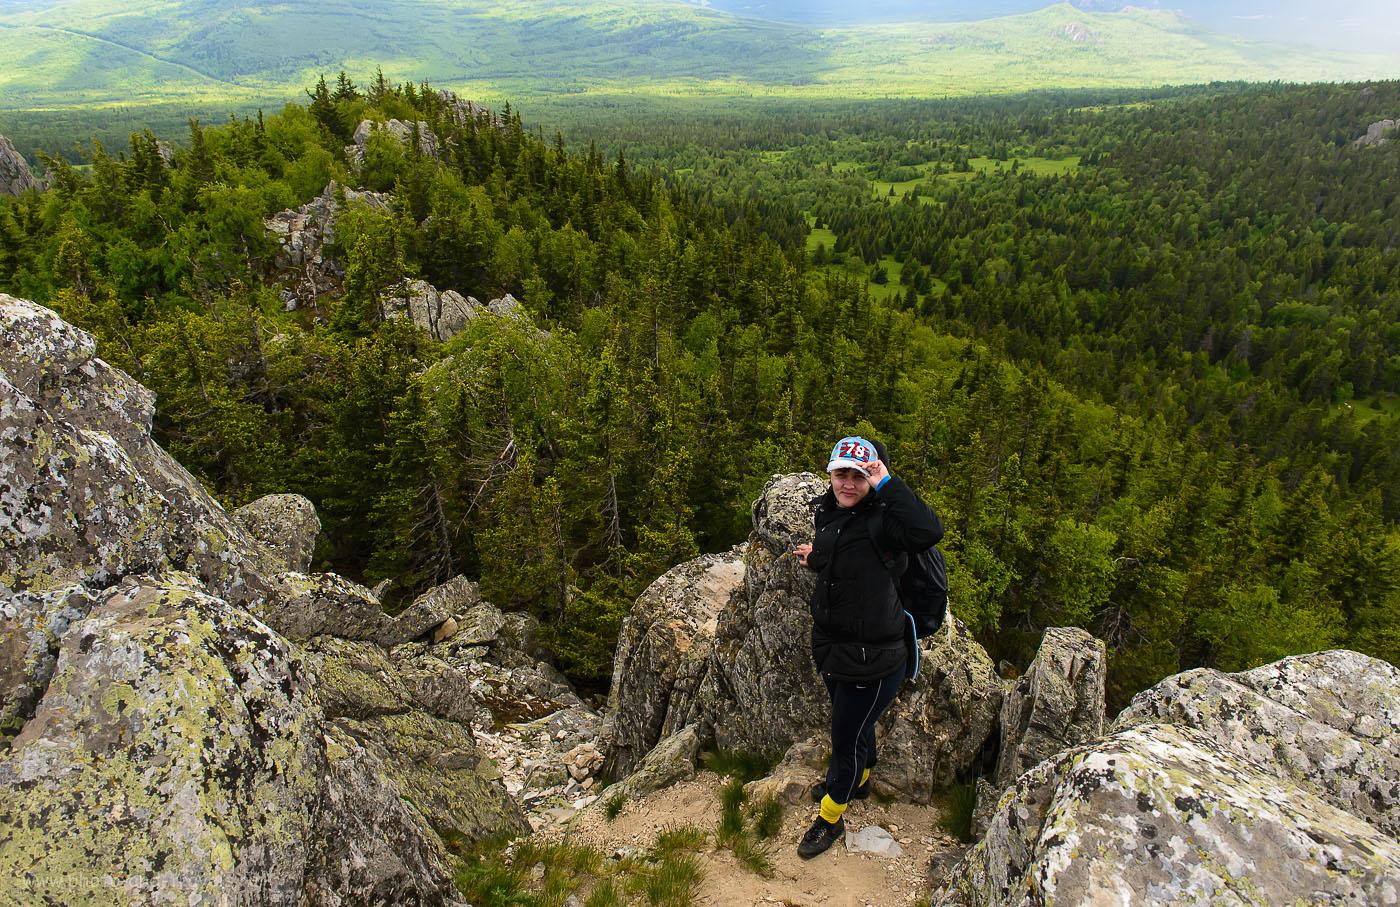 10. Виды с горы Ялангас , что около города Белорецк в Башкортостане. (2000, 24, 9.0, 1/250)